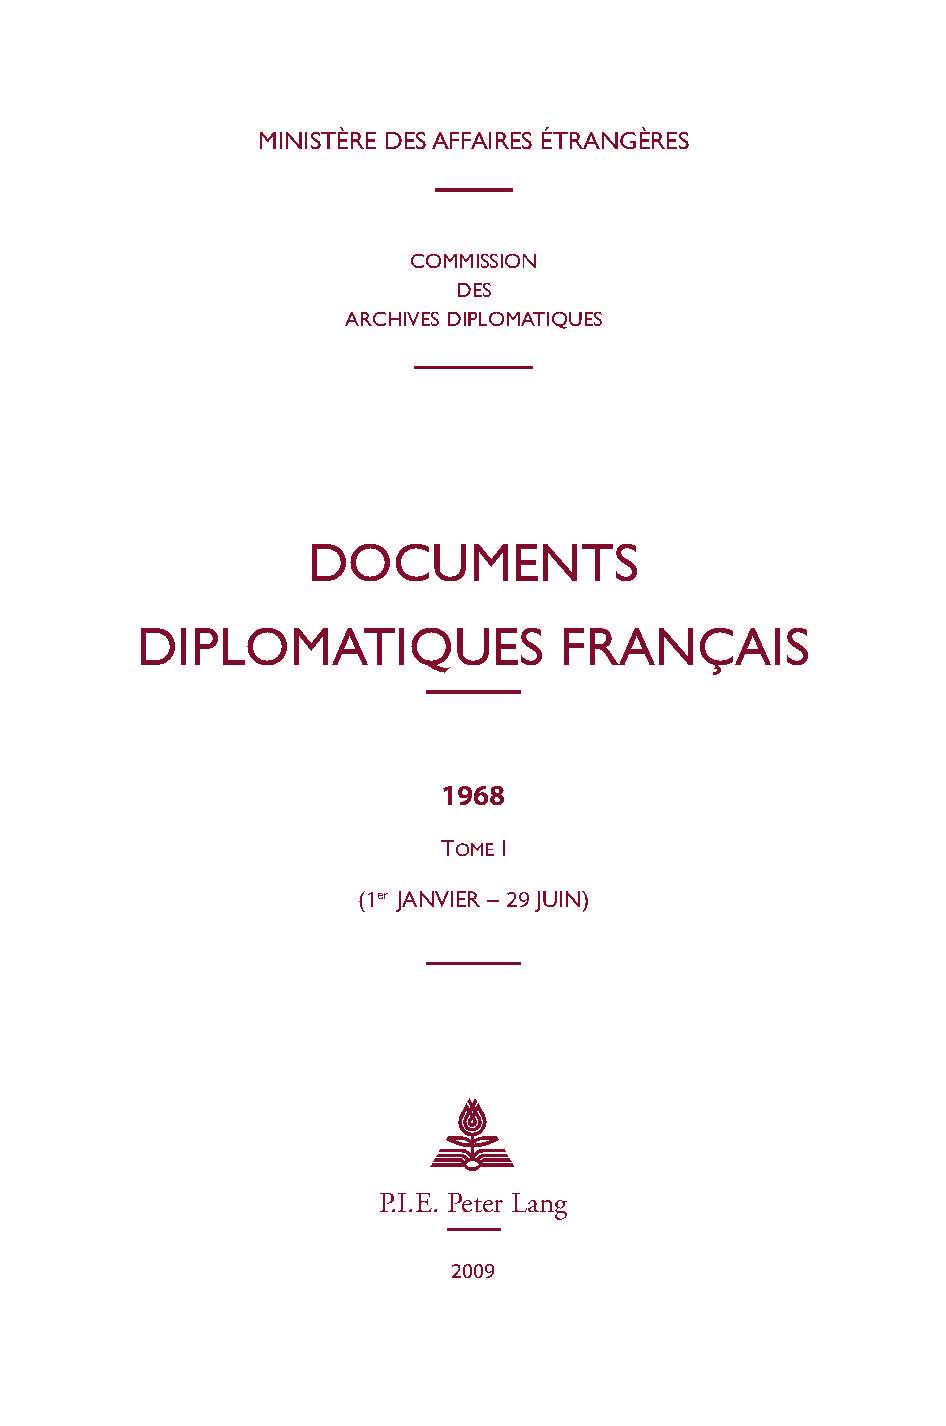 DOCUMENTS DIPLOMATIQUES FRANCAIS - 1968 - TOME I (1ER JANVIER - 29 JUIN)